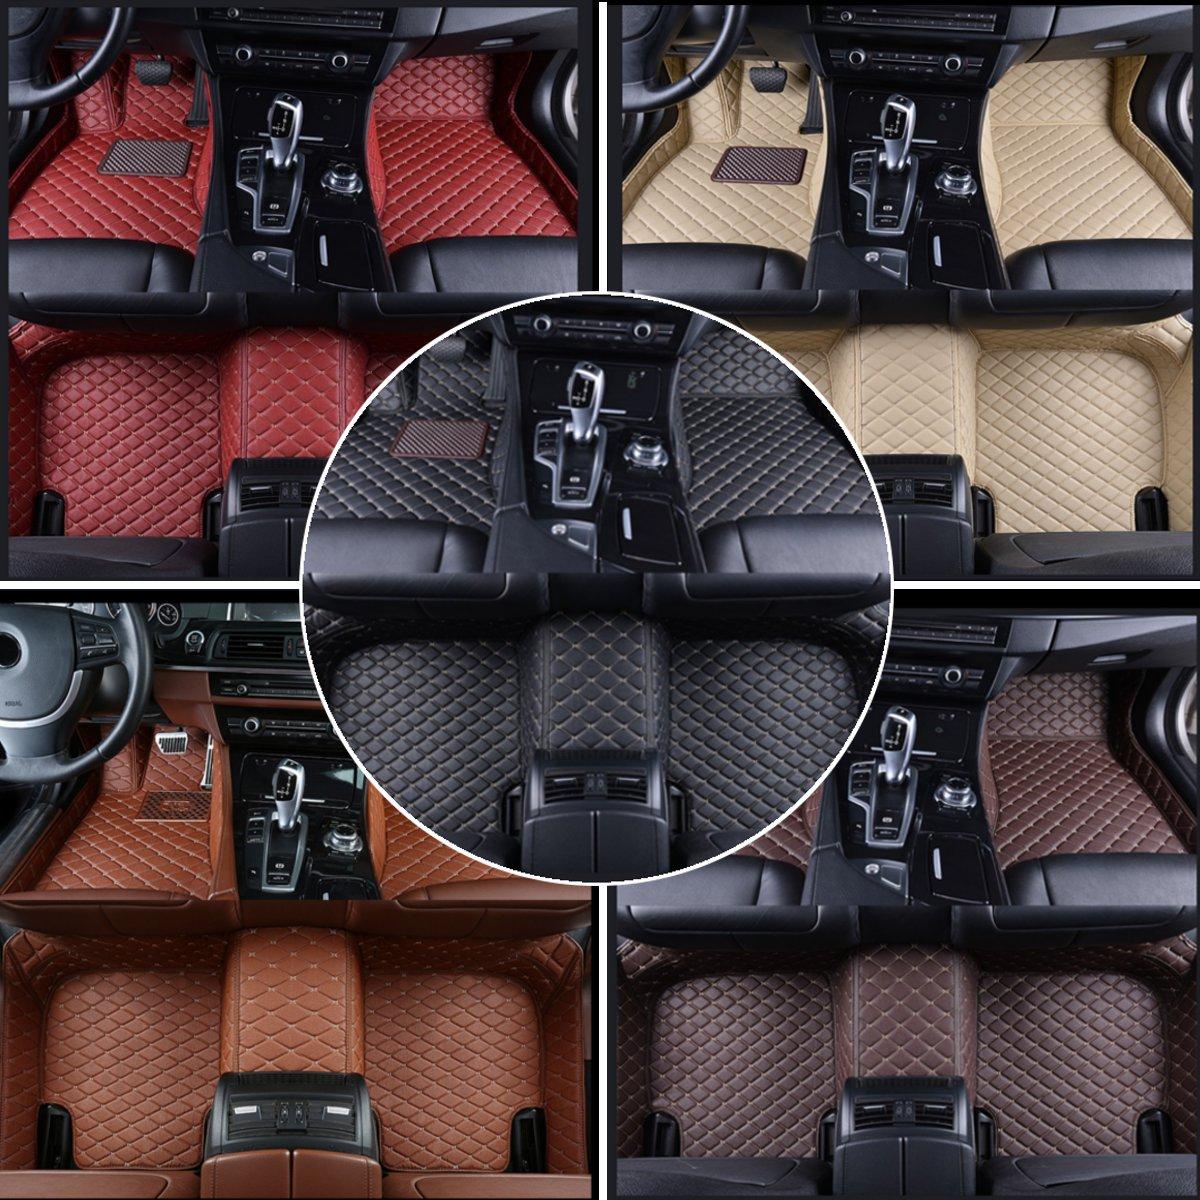 Tapis de Sol De voiture Flash tapis cuir pour BMW X3 E83 2003 2004 2005 2006 2007 2008 2009 2010x1 f48 e90 x5 e70 e53 x4 f11 x6 e71 f34